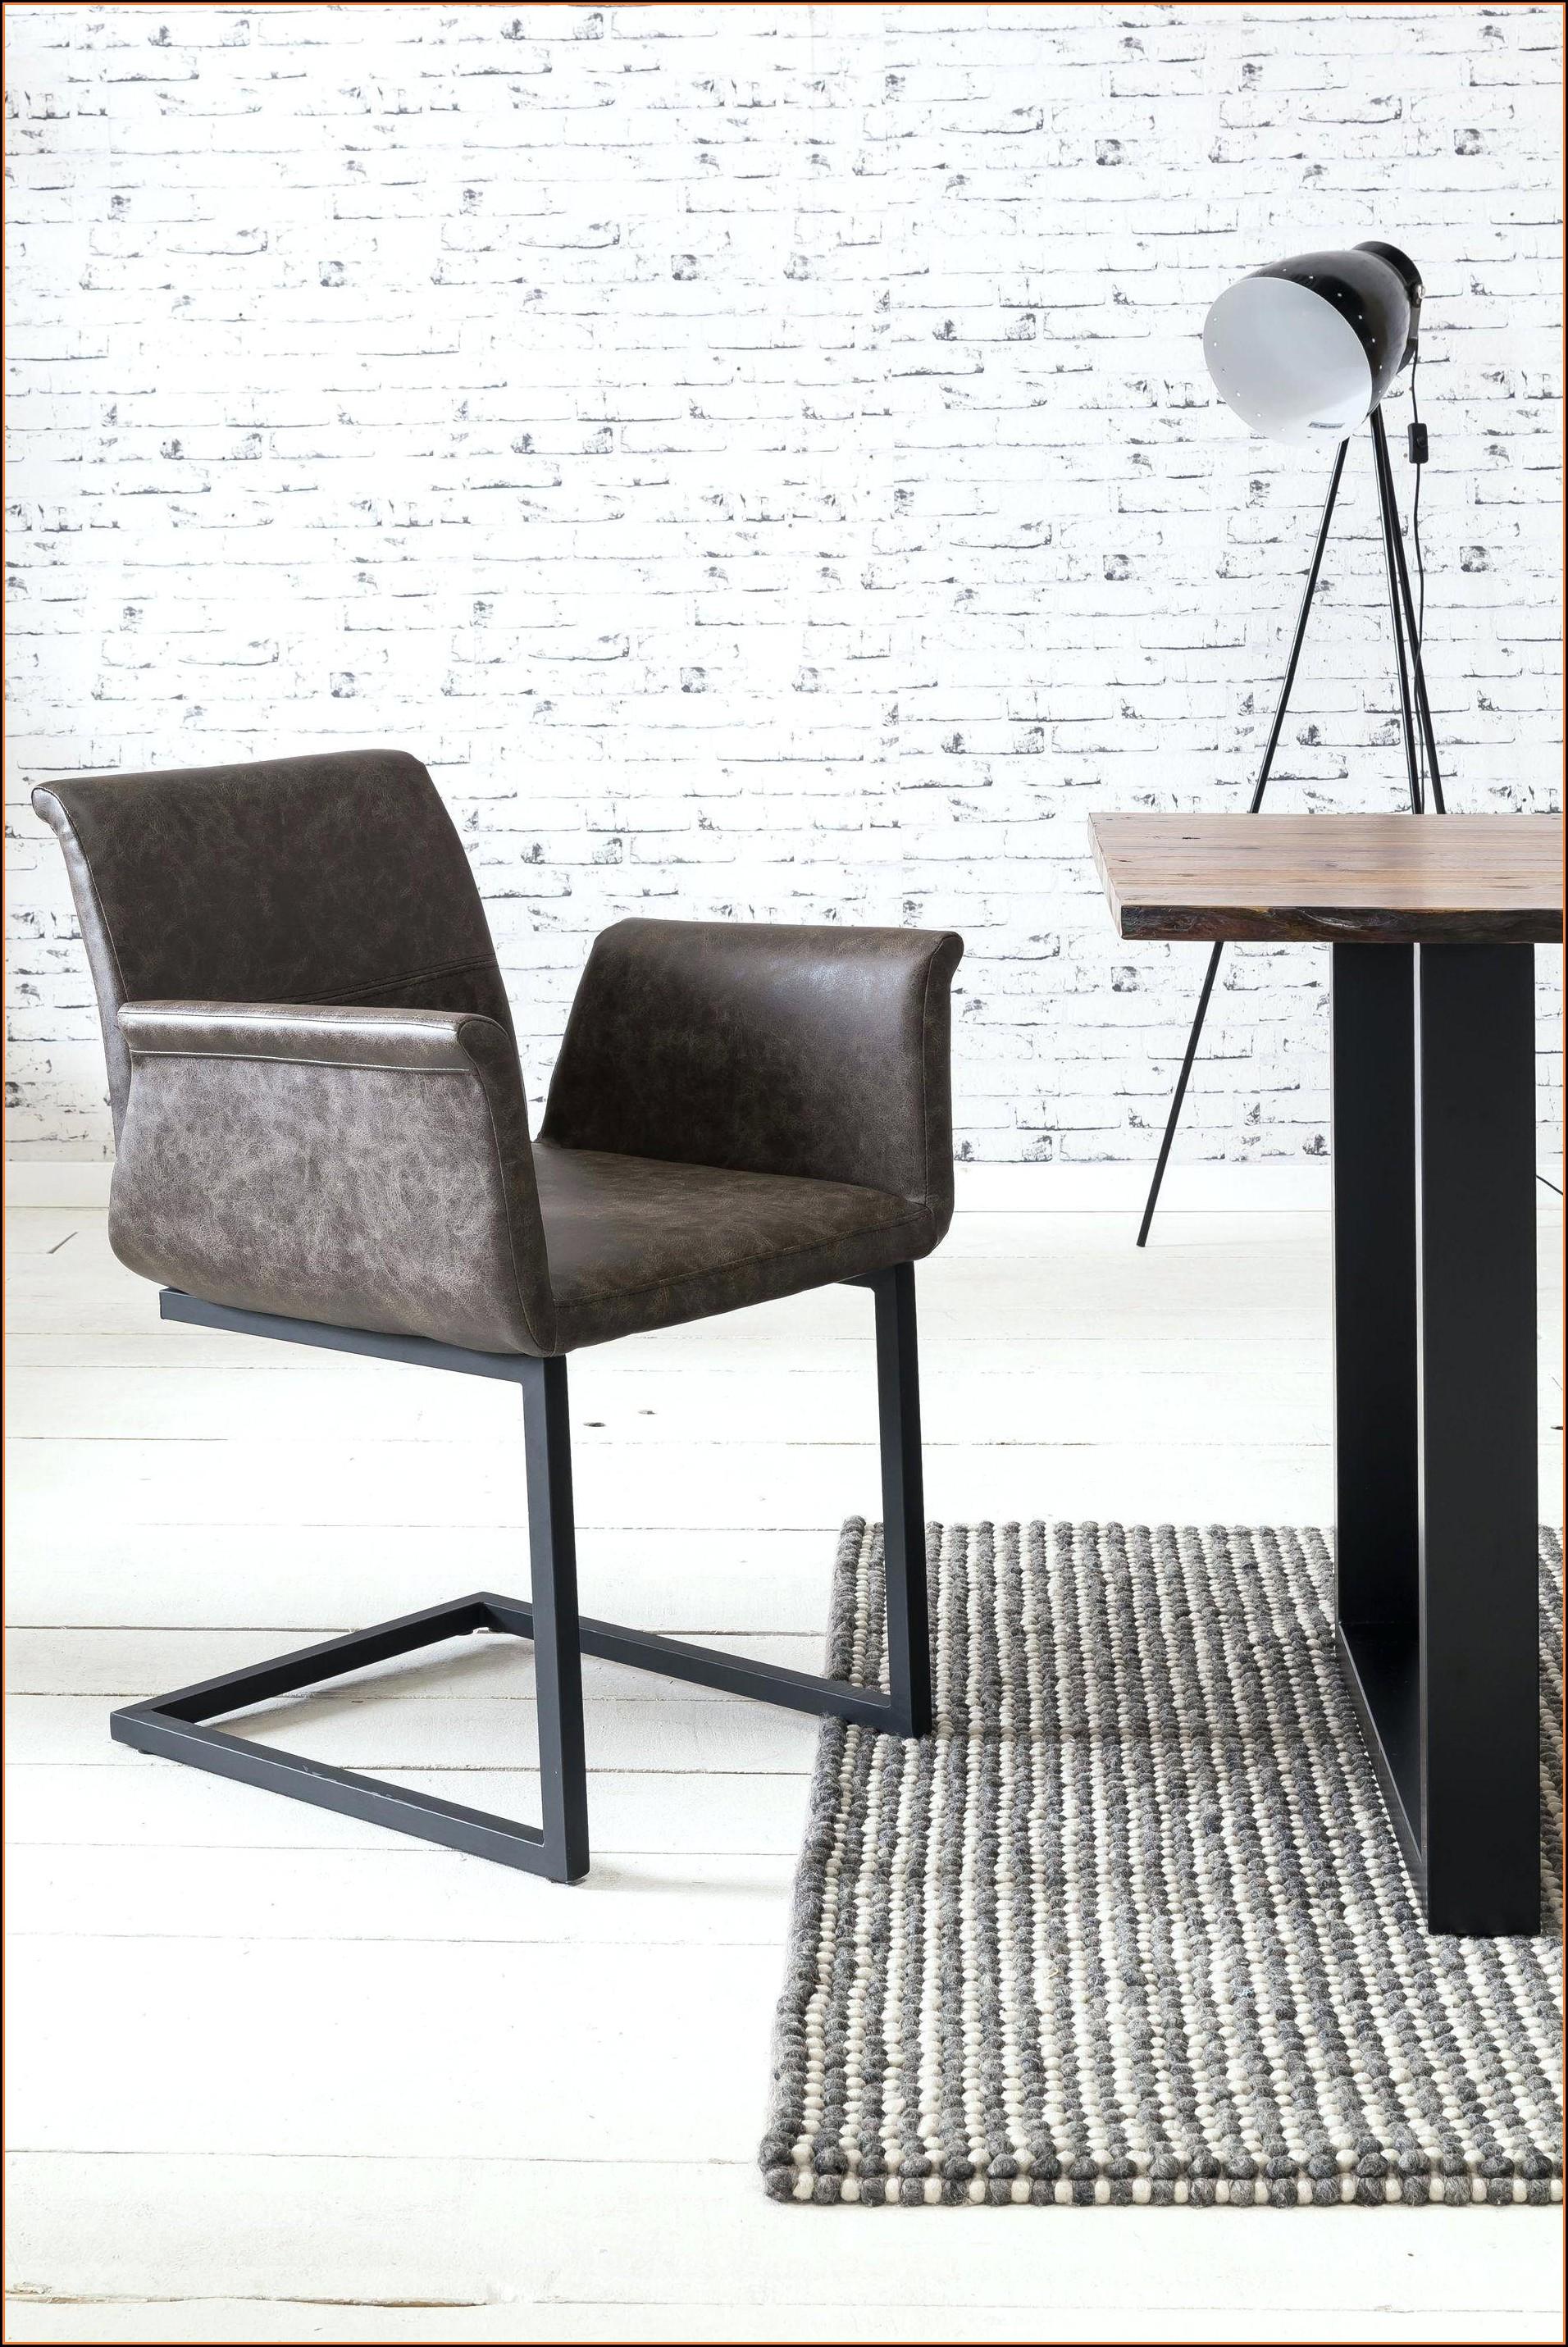 Esszimmer Stühle Wiener Geflecht